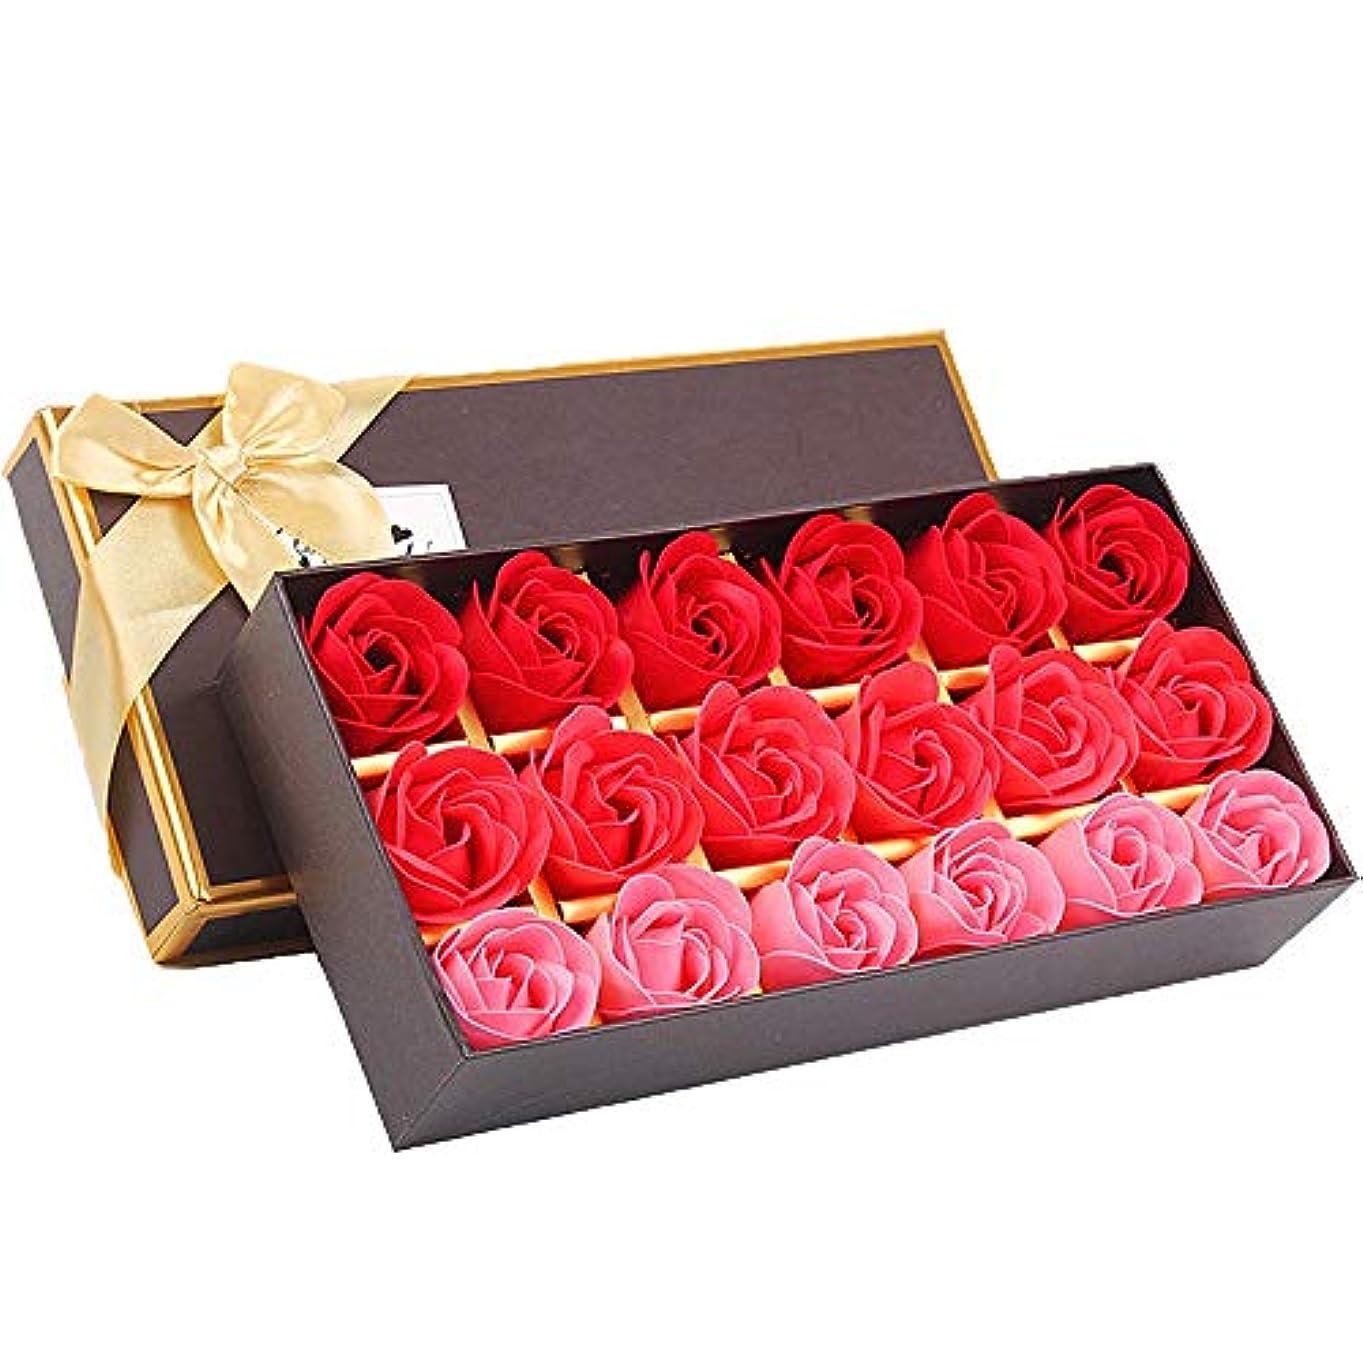 桁アコーメロディー18個の手作りのローズの香りのバスソープの花びら香りのバスソープは、ギフトボックスの花びらをバラ (色 : 赤)